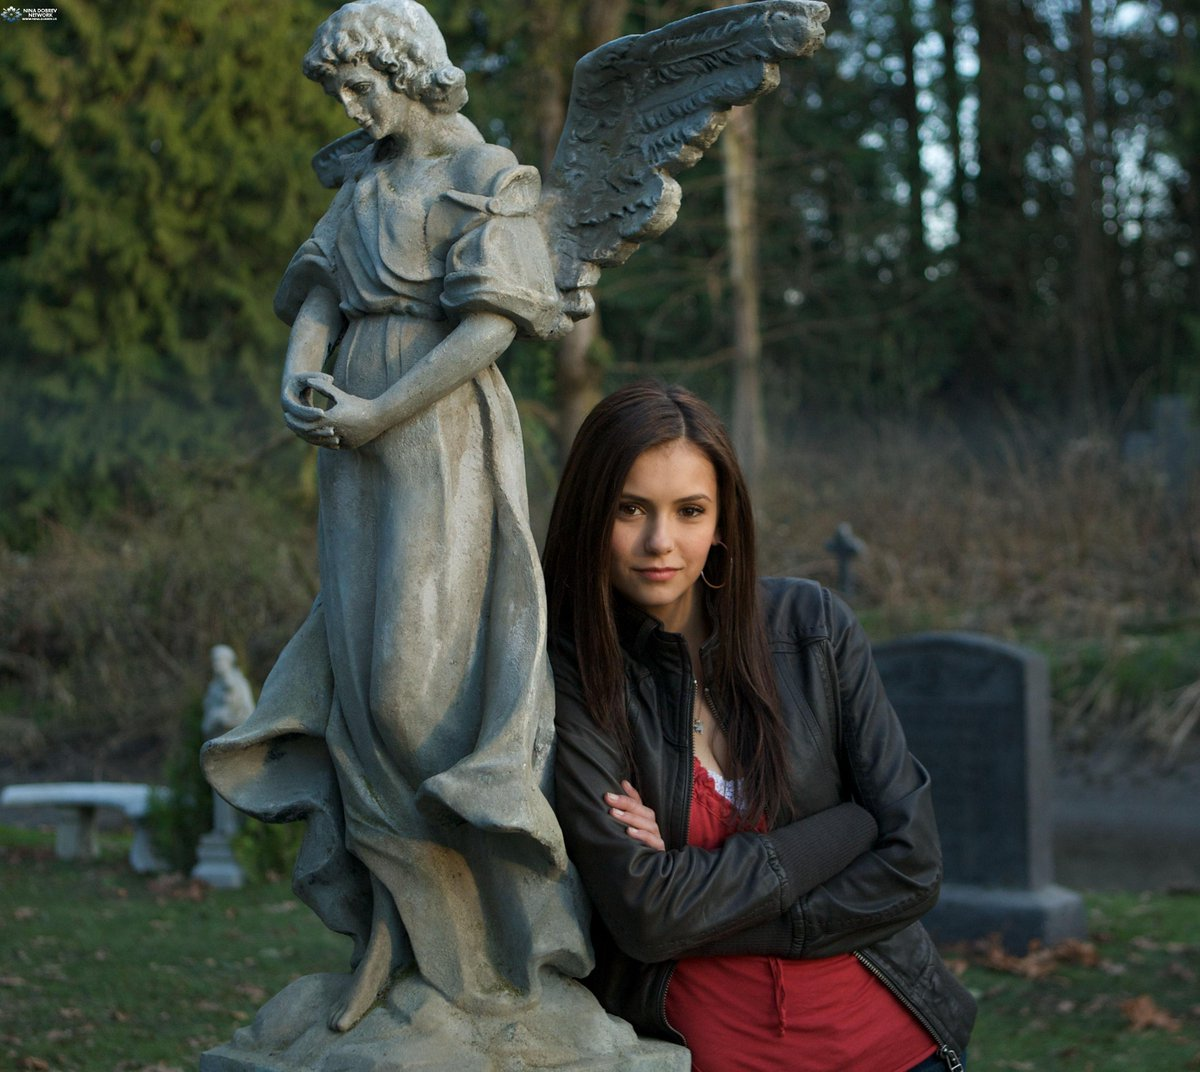 Forever Our Elena Gilbert! #GoodbyeNina #TVDFamily http://t.co/oaOWbrJCOe